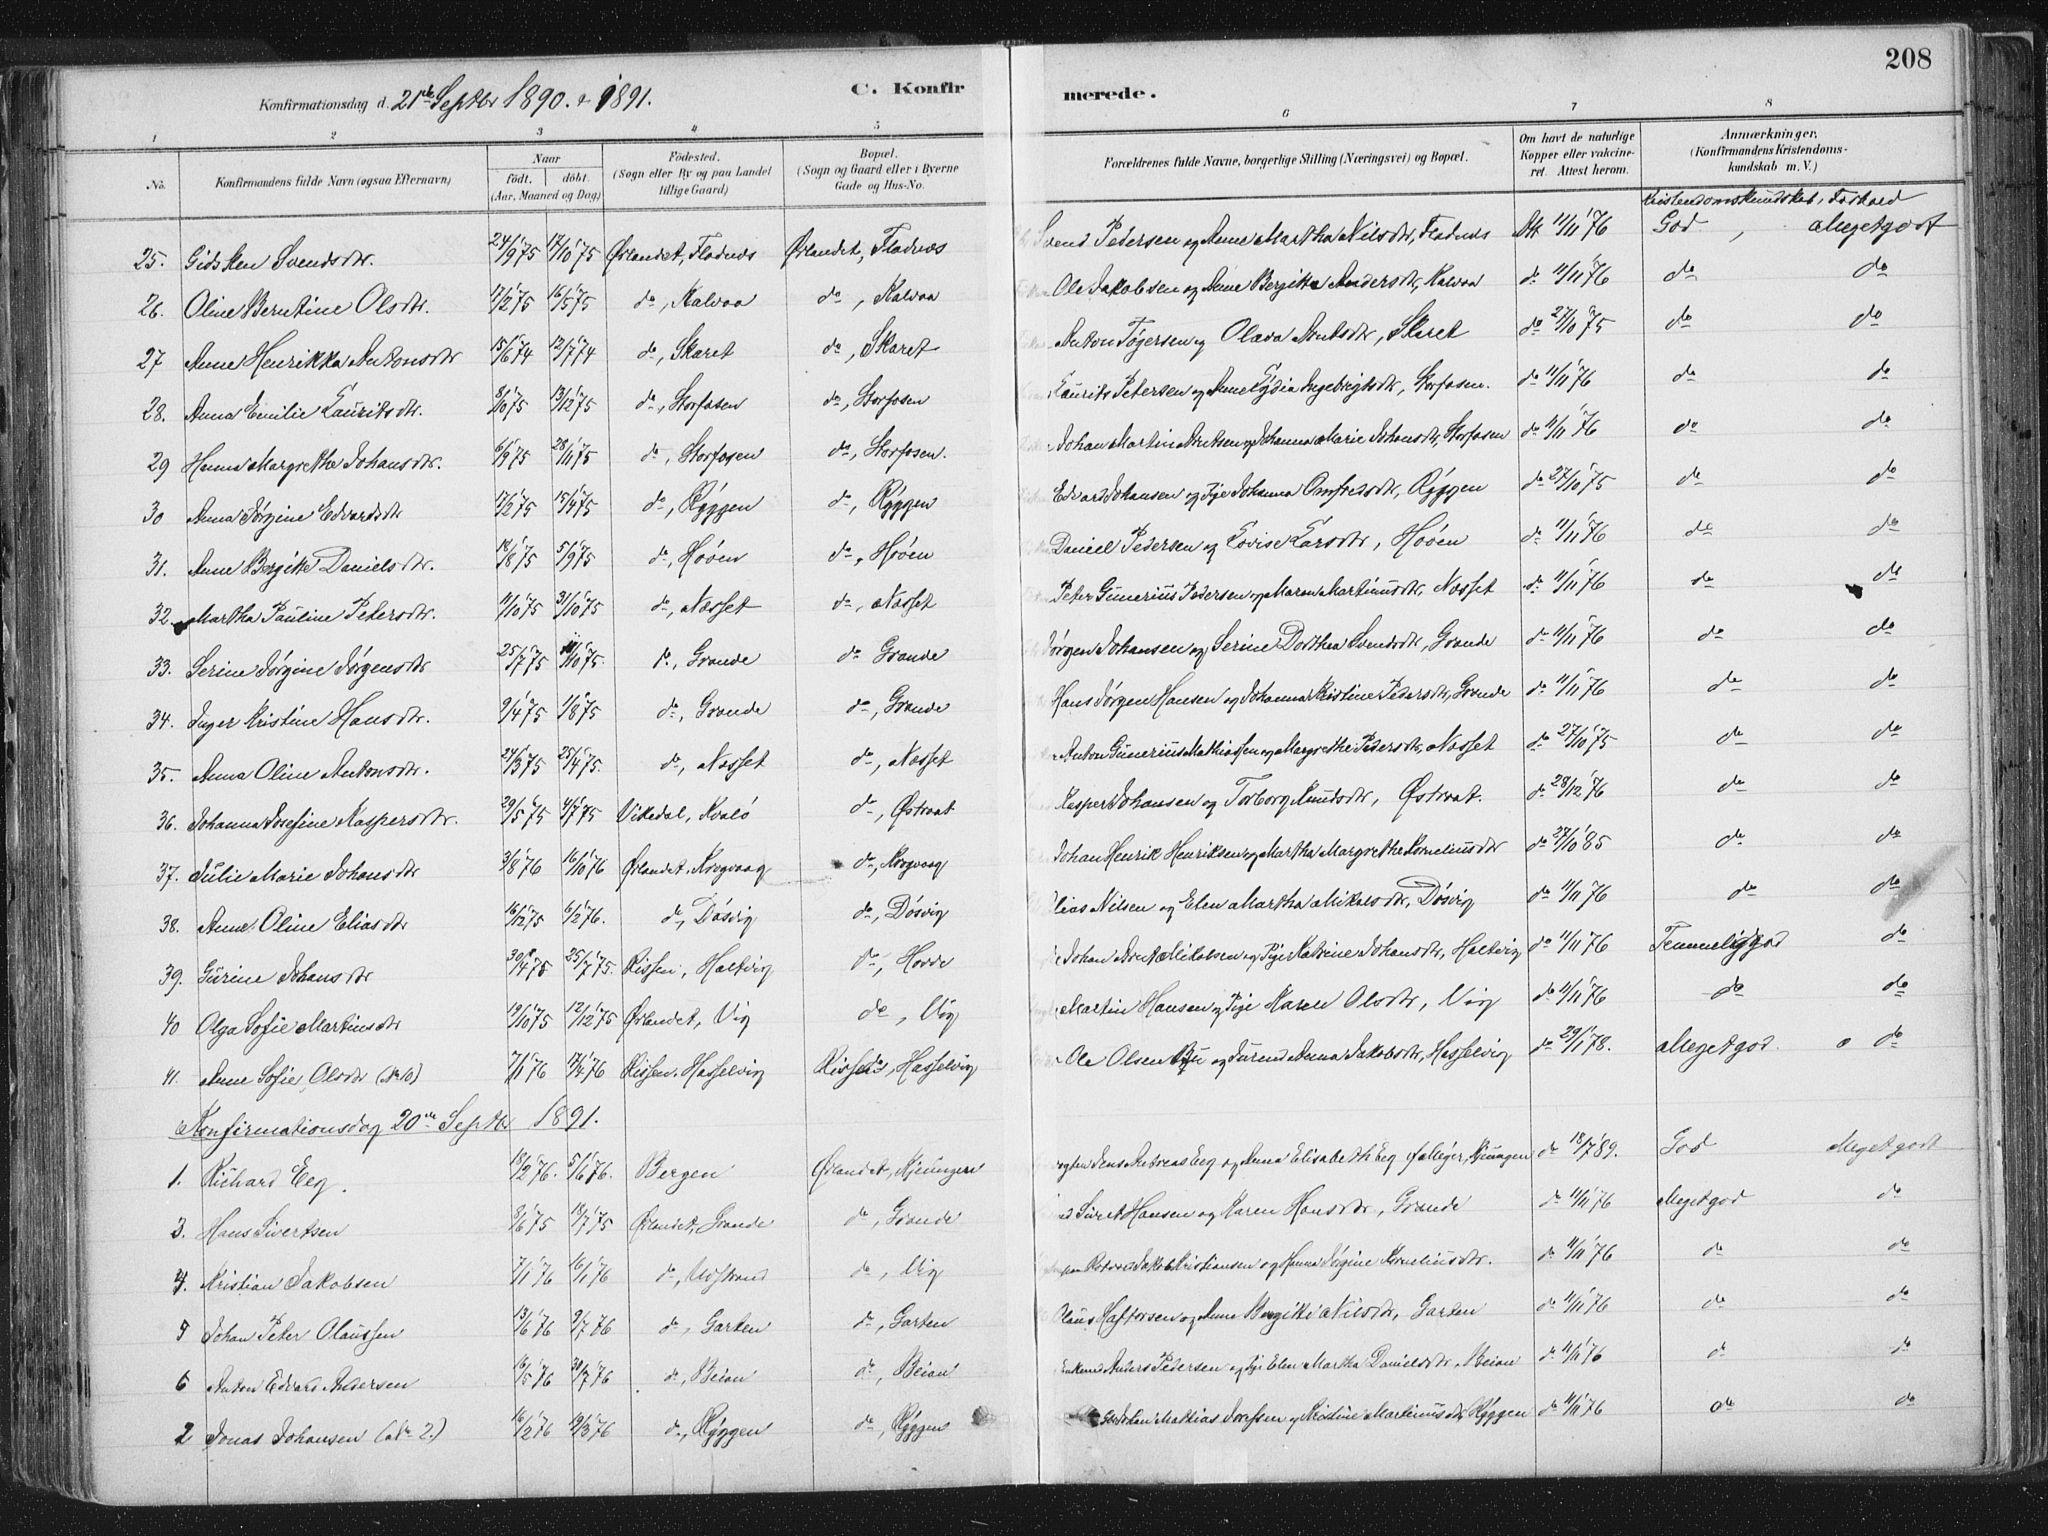 SAT, Ministerialprotokoller, klokkerbøker og fødselsregistre - Sør-Trøndelag, 659/L0739: Ministerialbok nr. 659A09, 1879-1893, s. 208